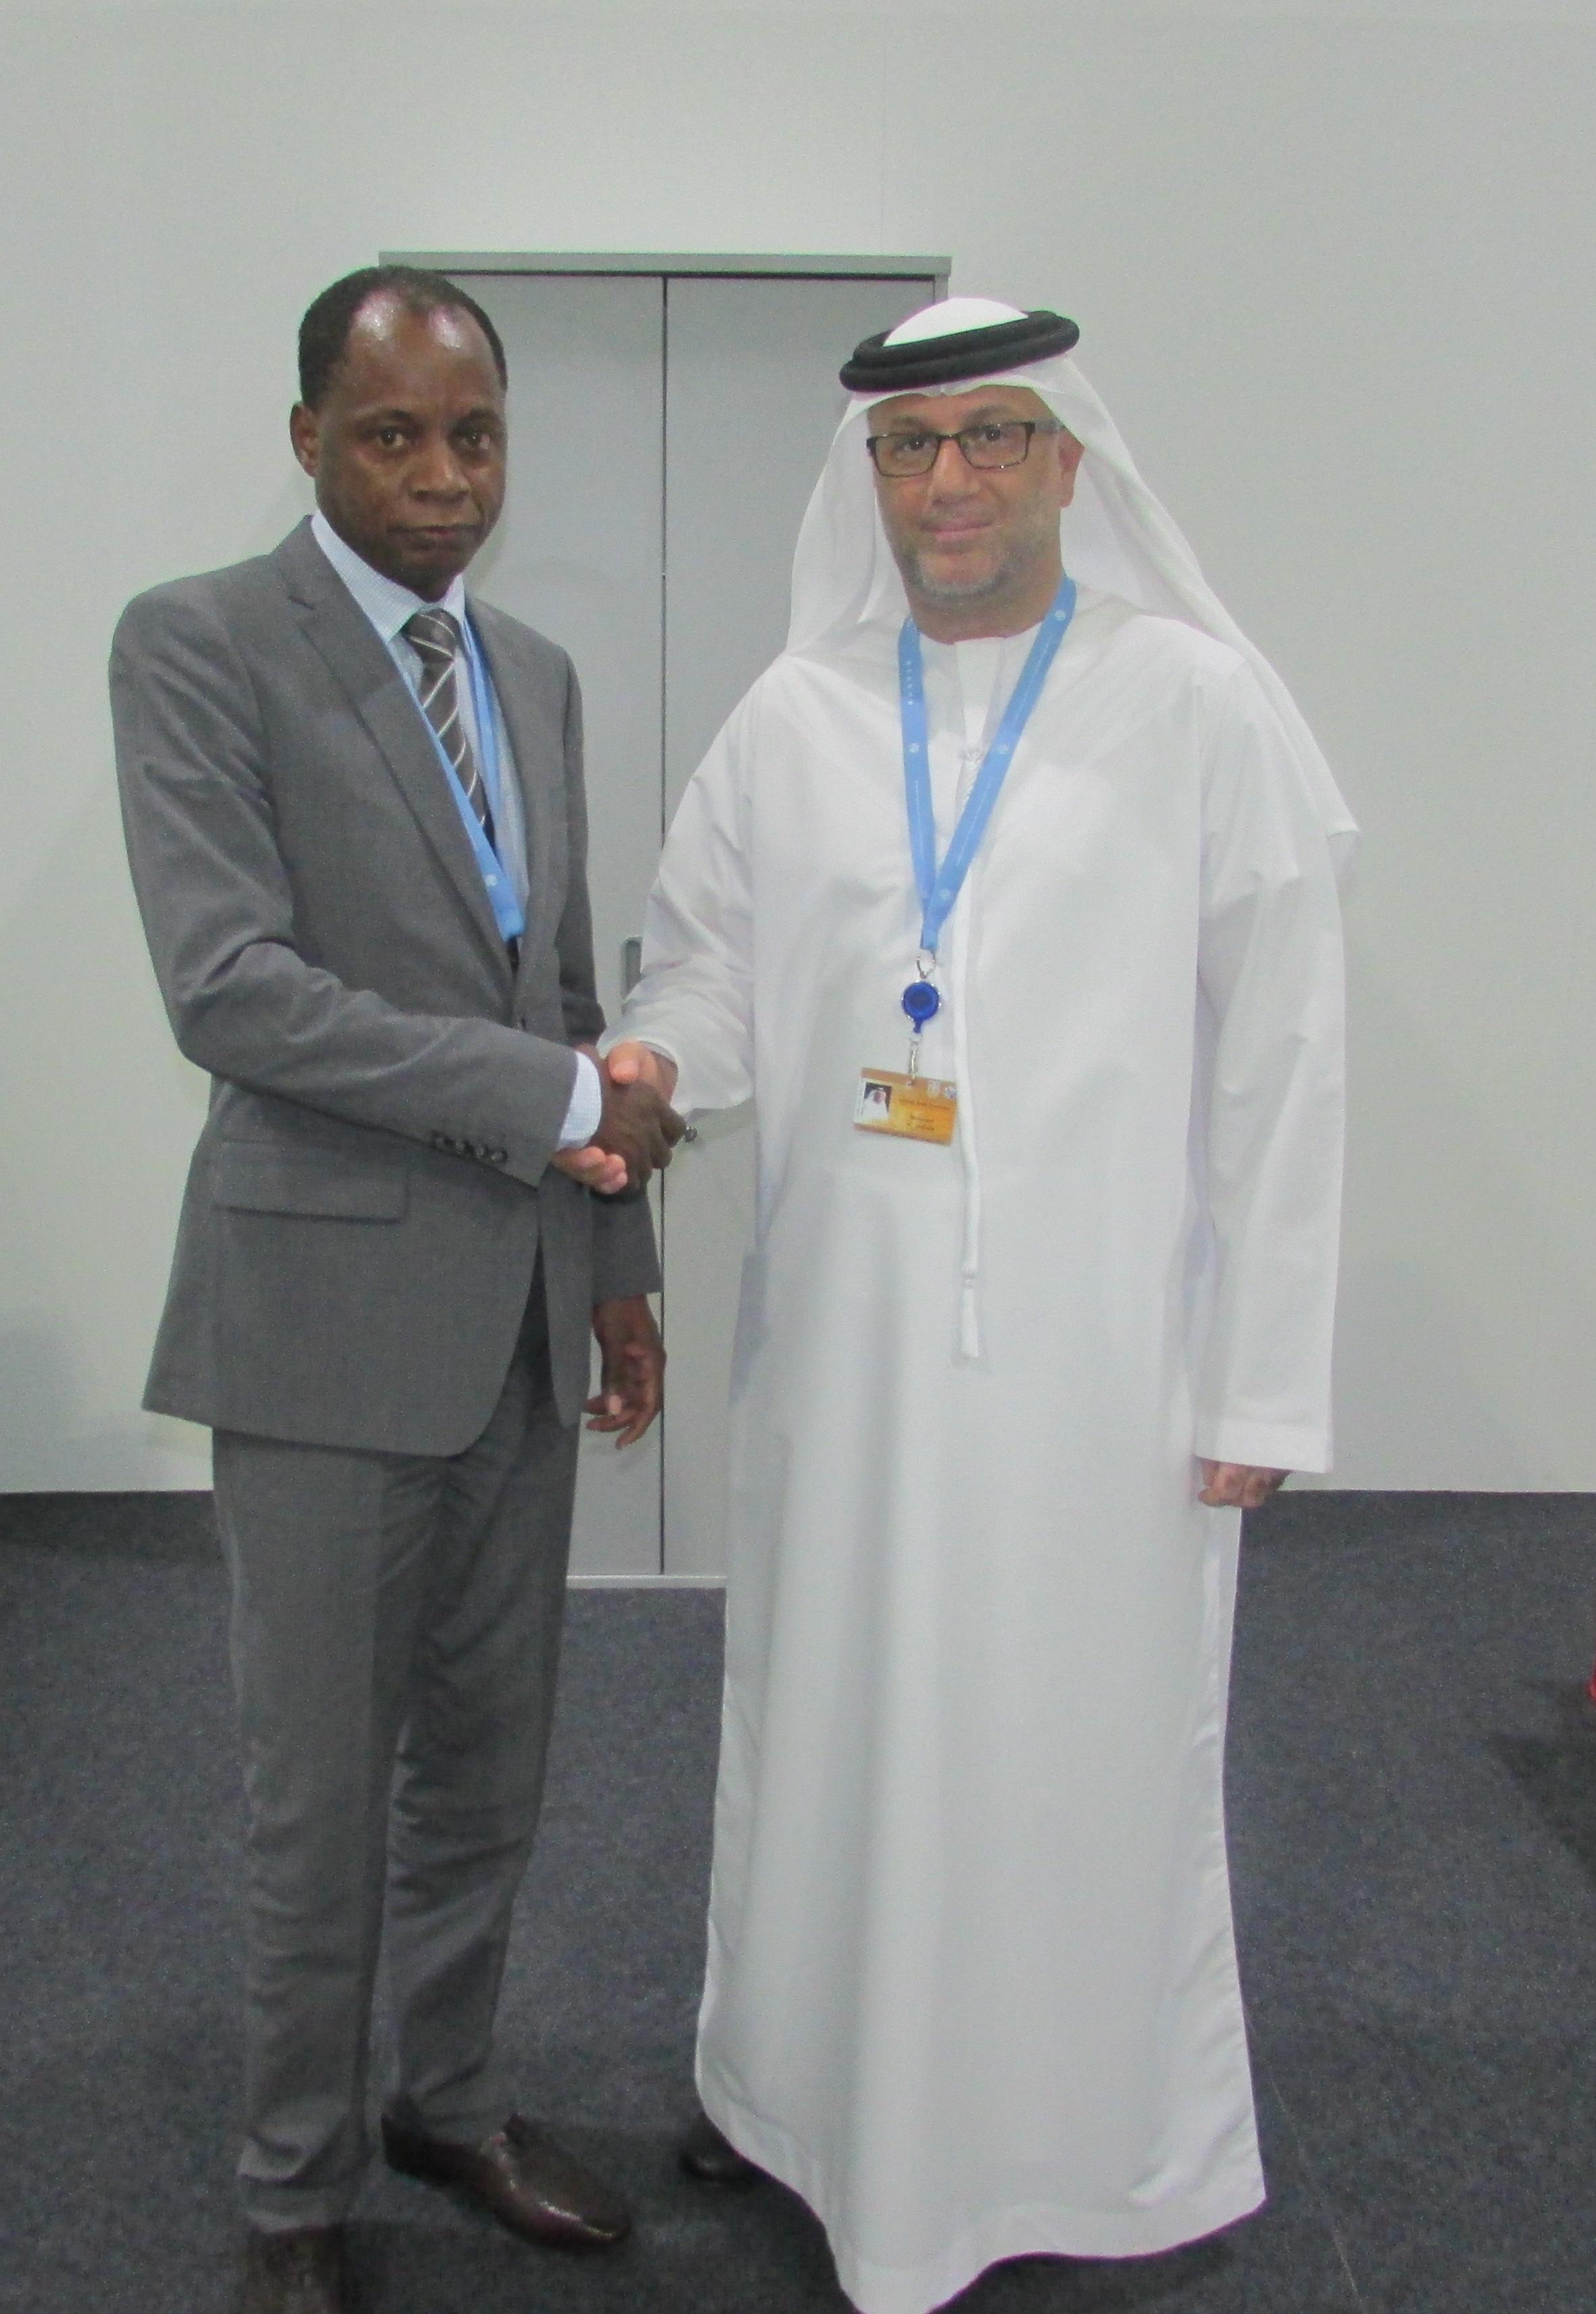 Régulation des télécommunications : Dakar et Dubaï scellent un accord de partenariat